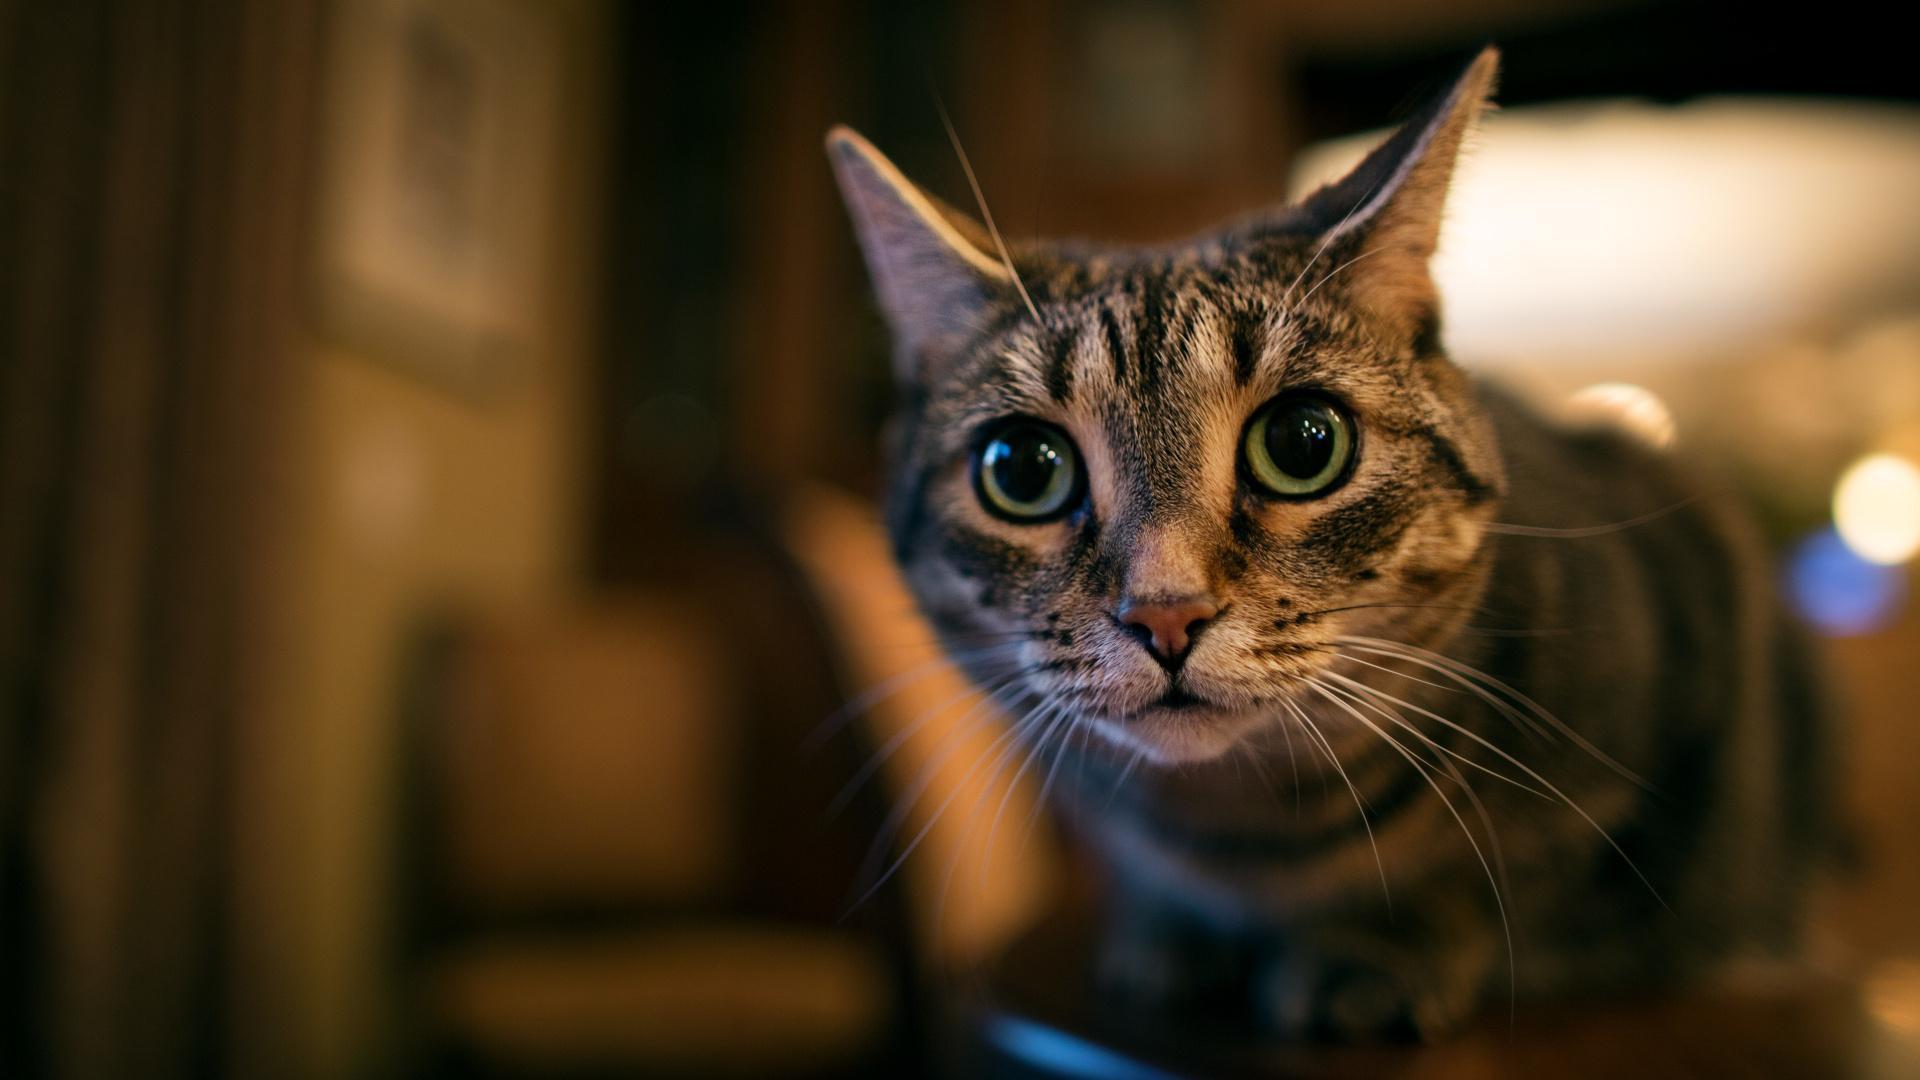 Платная регистрация питомцев вместо закона о защите животных